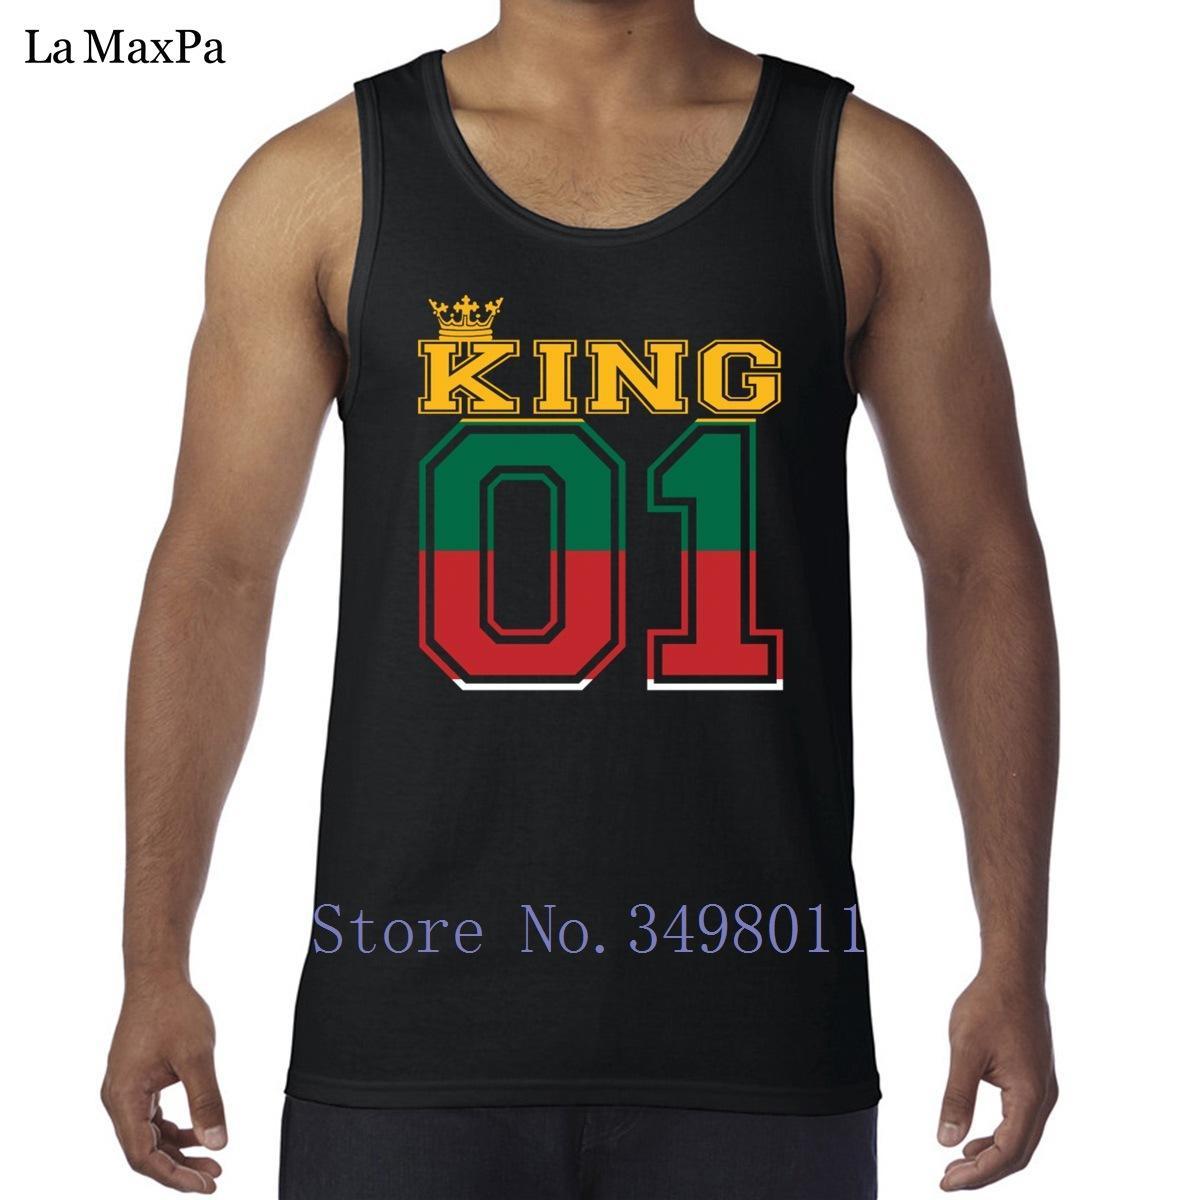 Дизайн Kawaii подарок пара земли король 01 принц топ литва танк мужчин по бодибилдингу Аутентичные мужской жилеты без рукавов спортивной